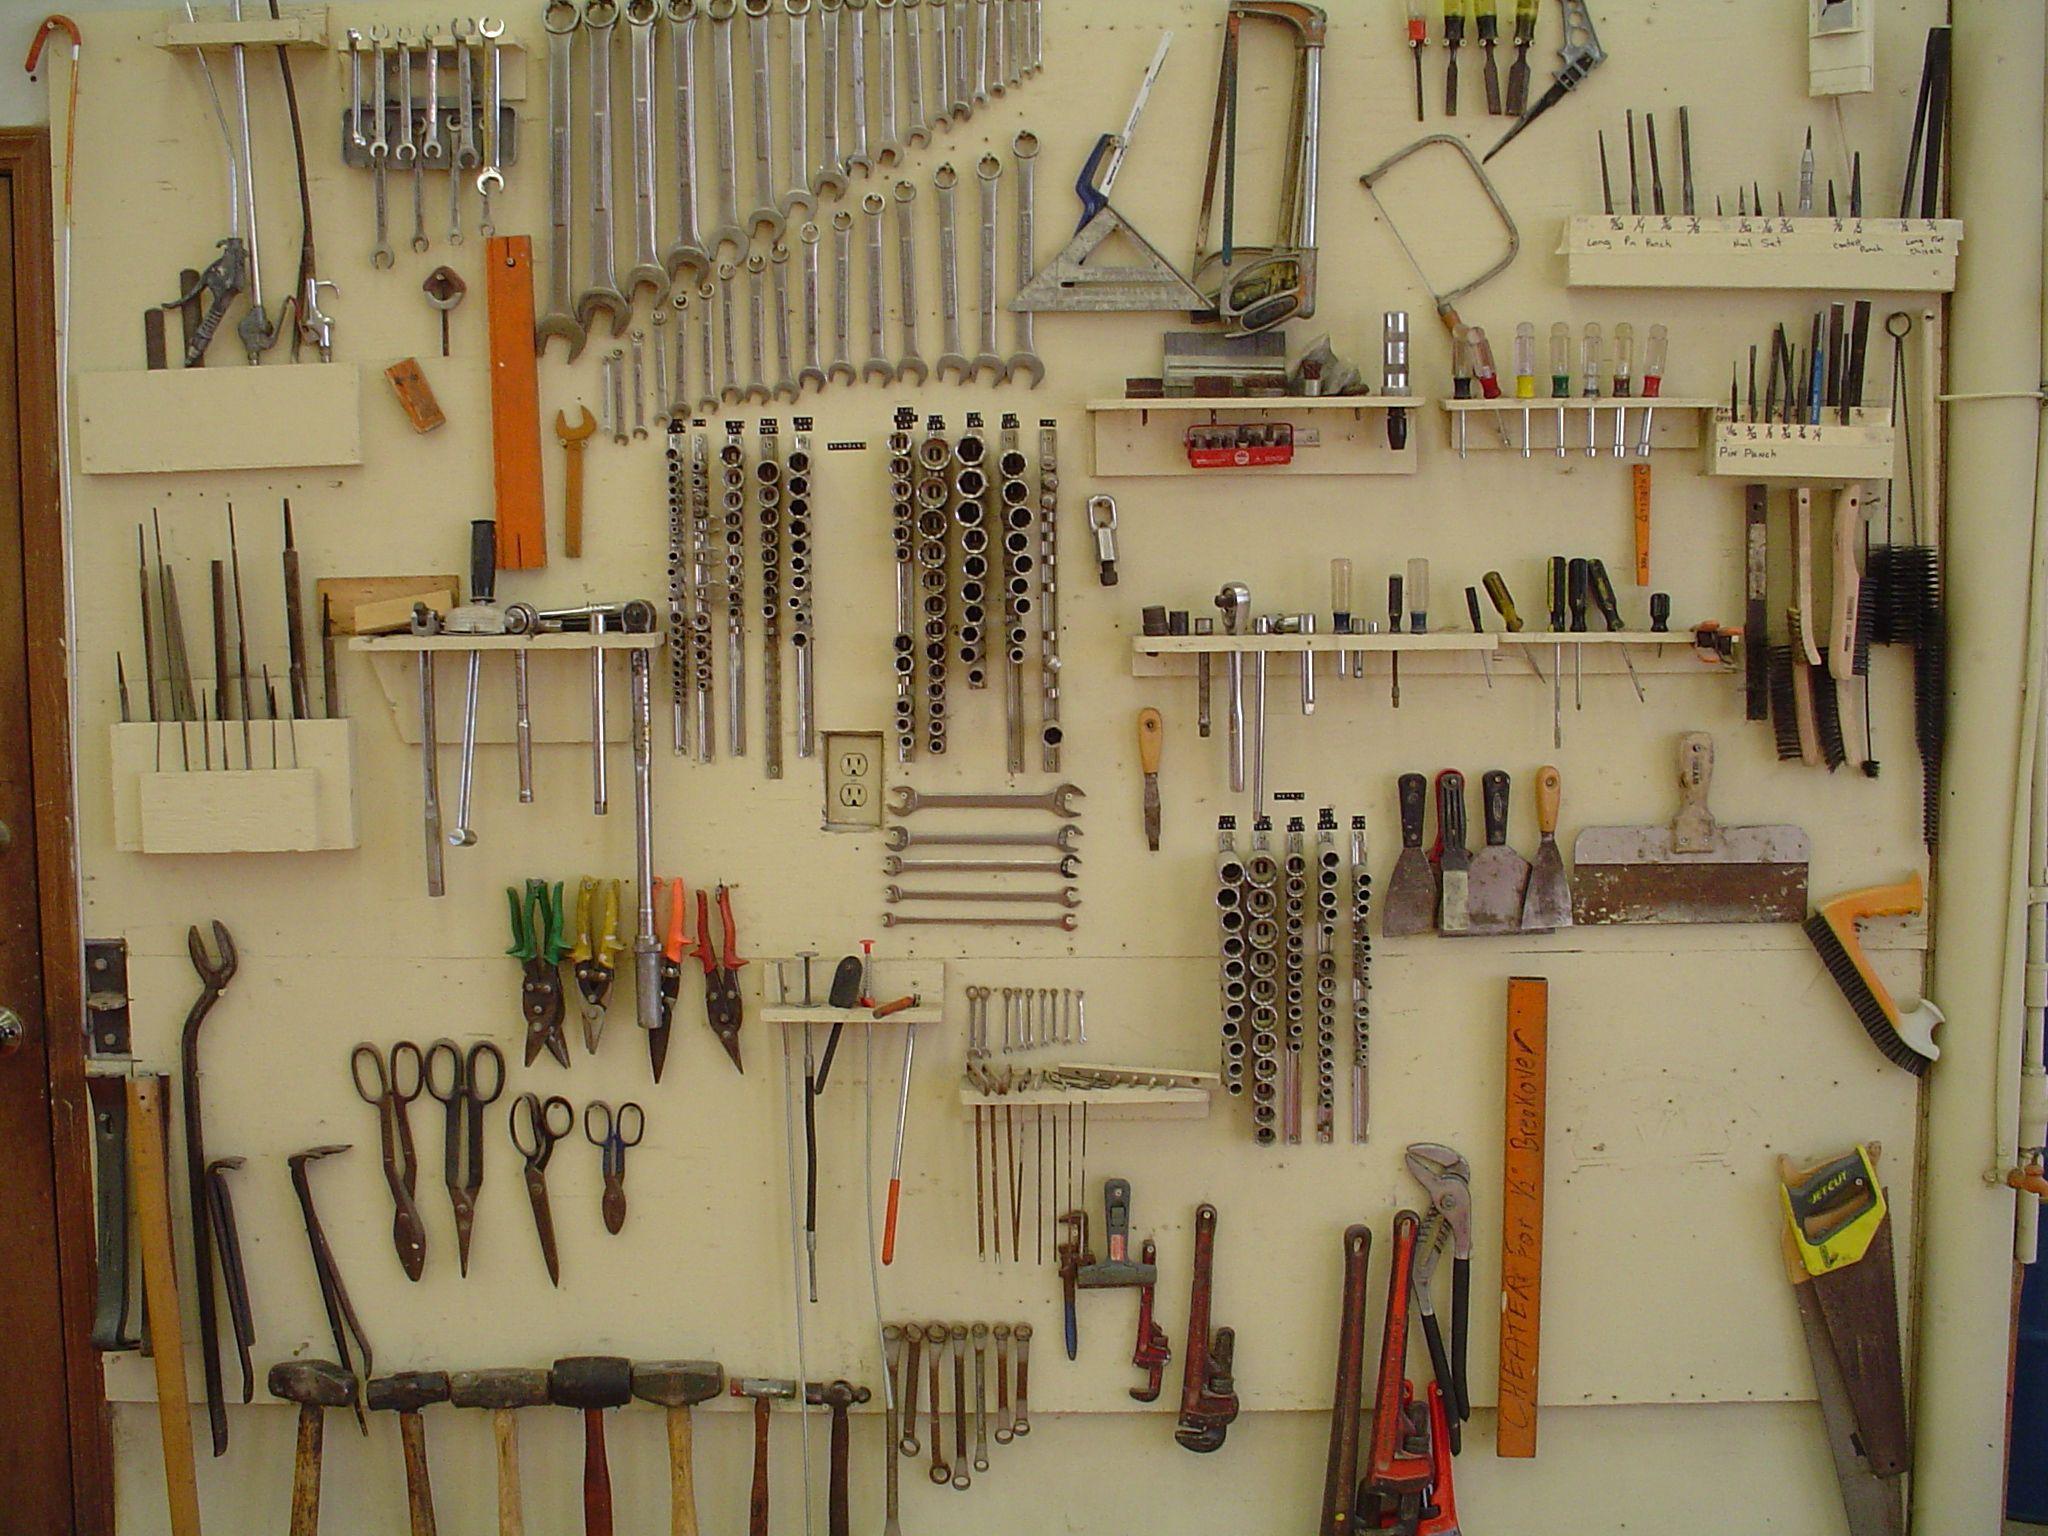 Стенд для инструментов своими руками фото